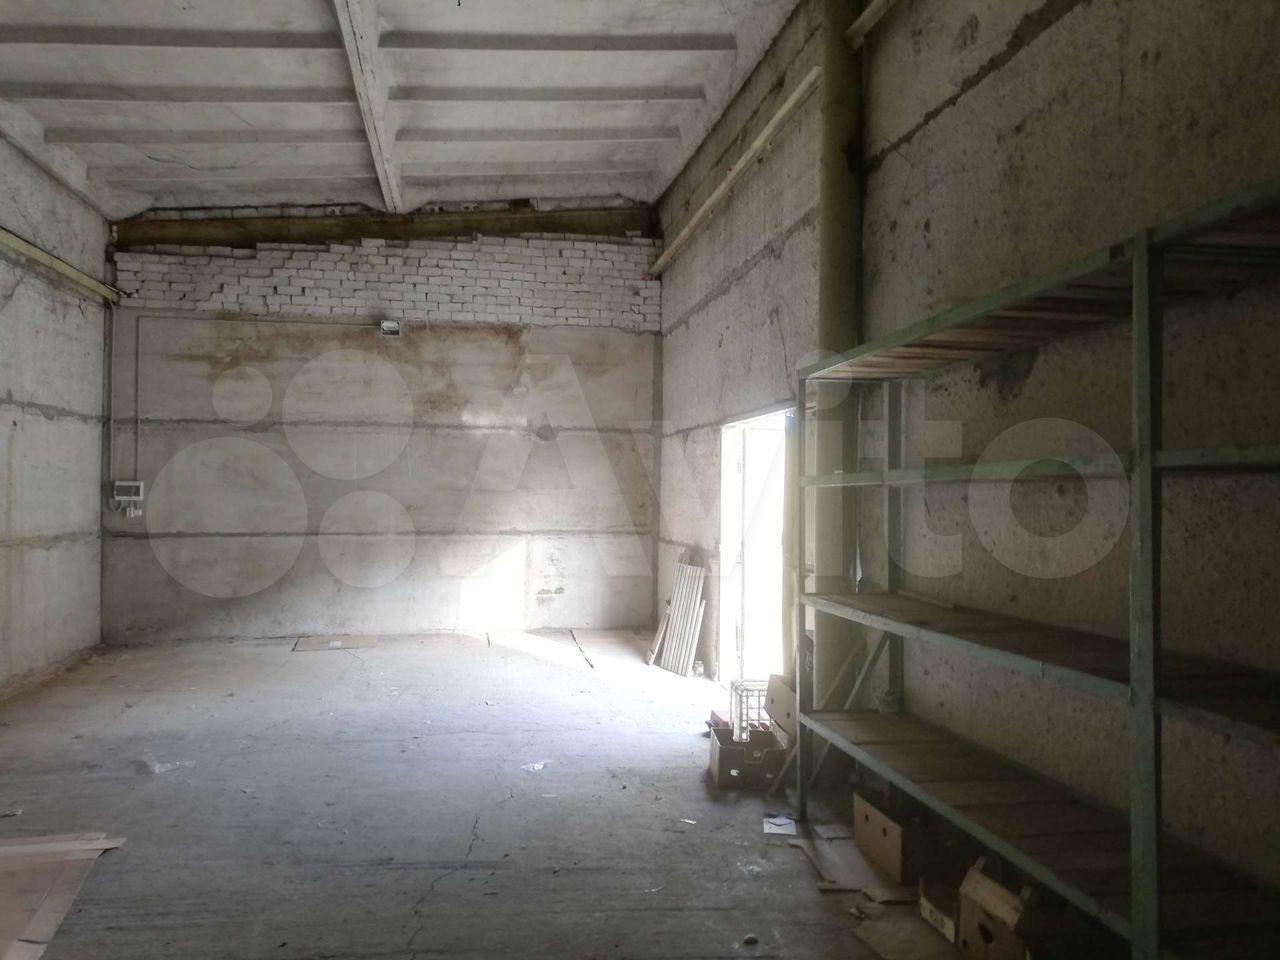 30 м² в Рославле> Гараж, > 30 м²  89101171139 купить 4